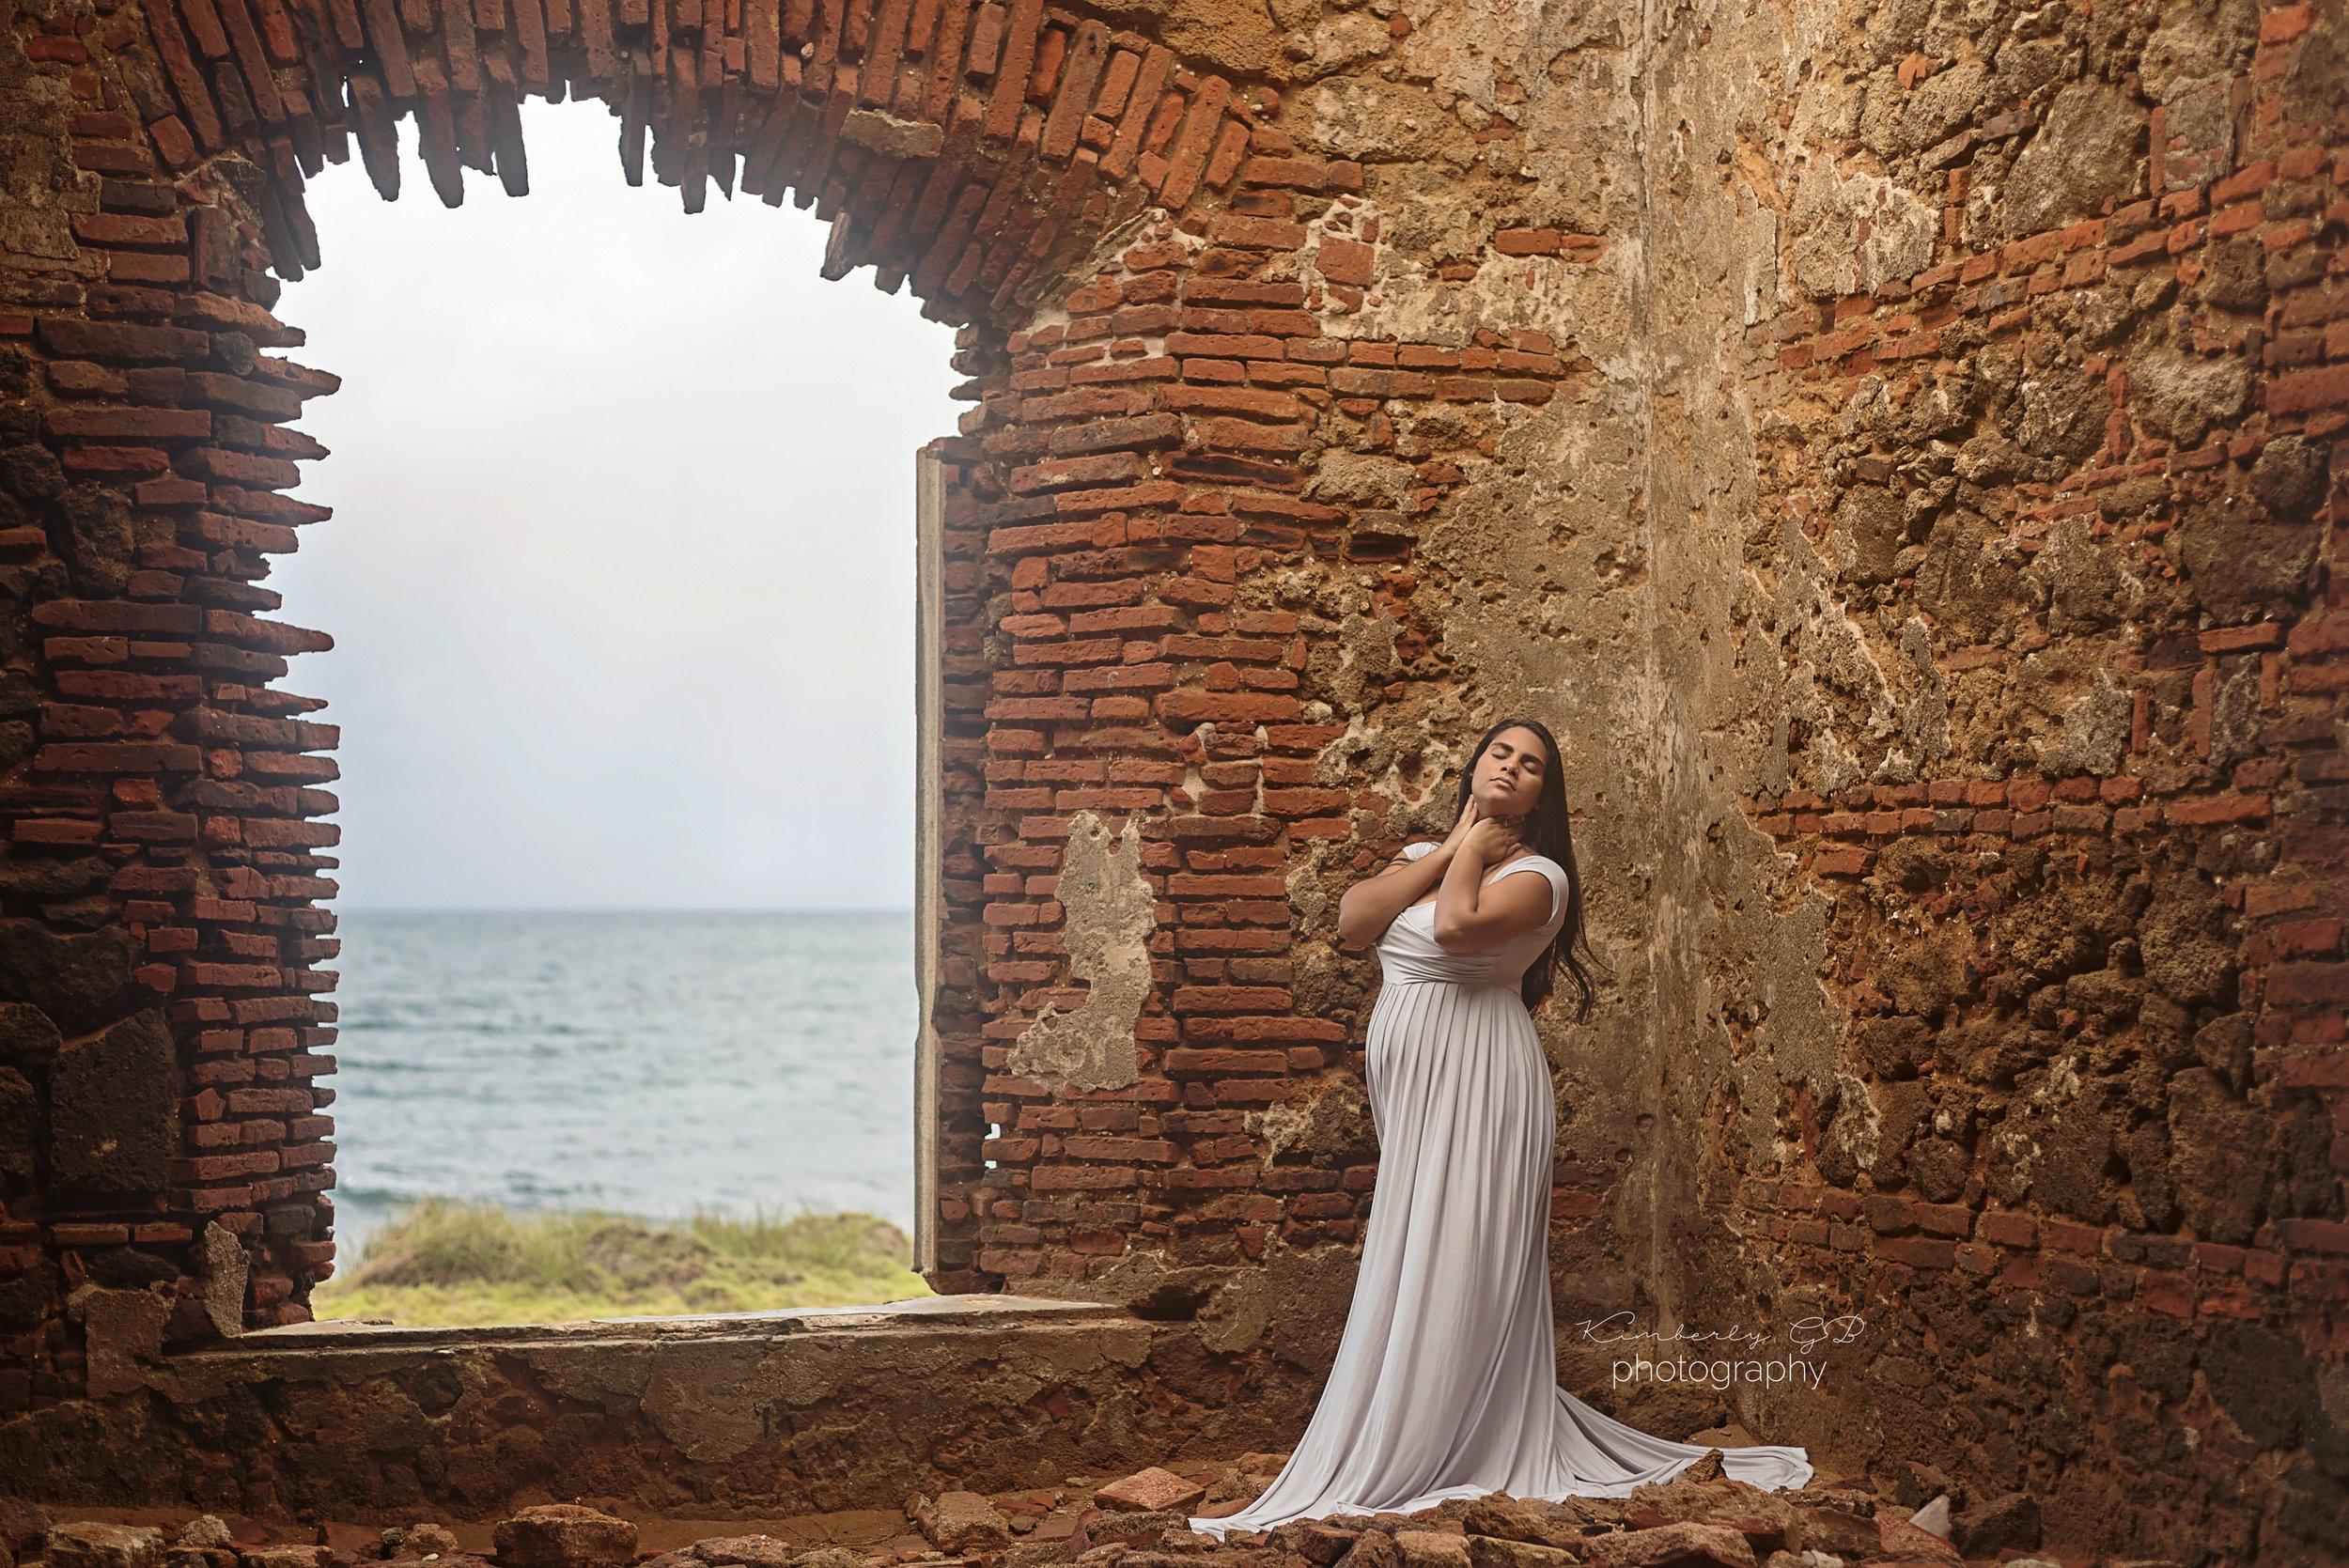 fotografa-de-maternidad-en-puerto-rico-fotografia-11.jpg